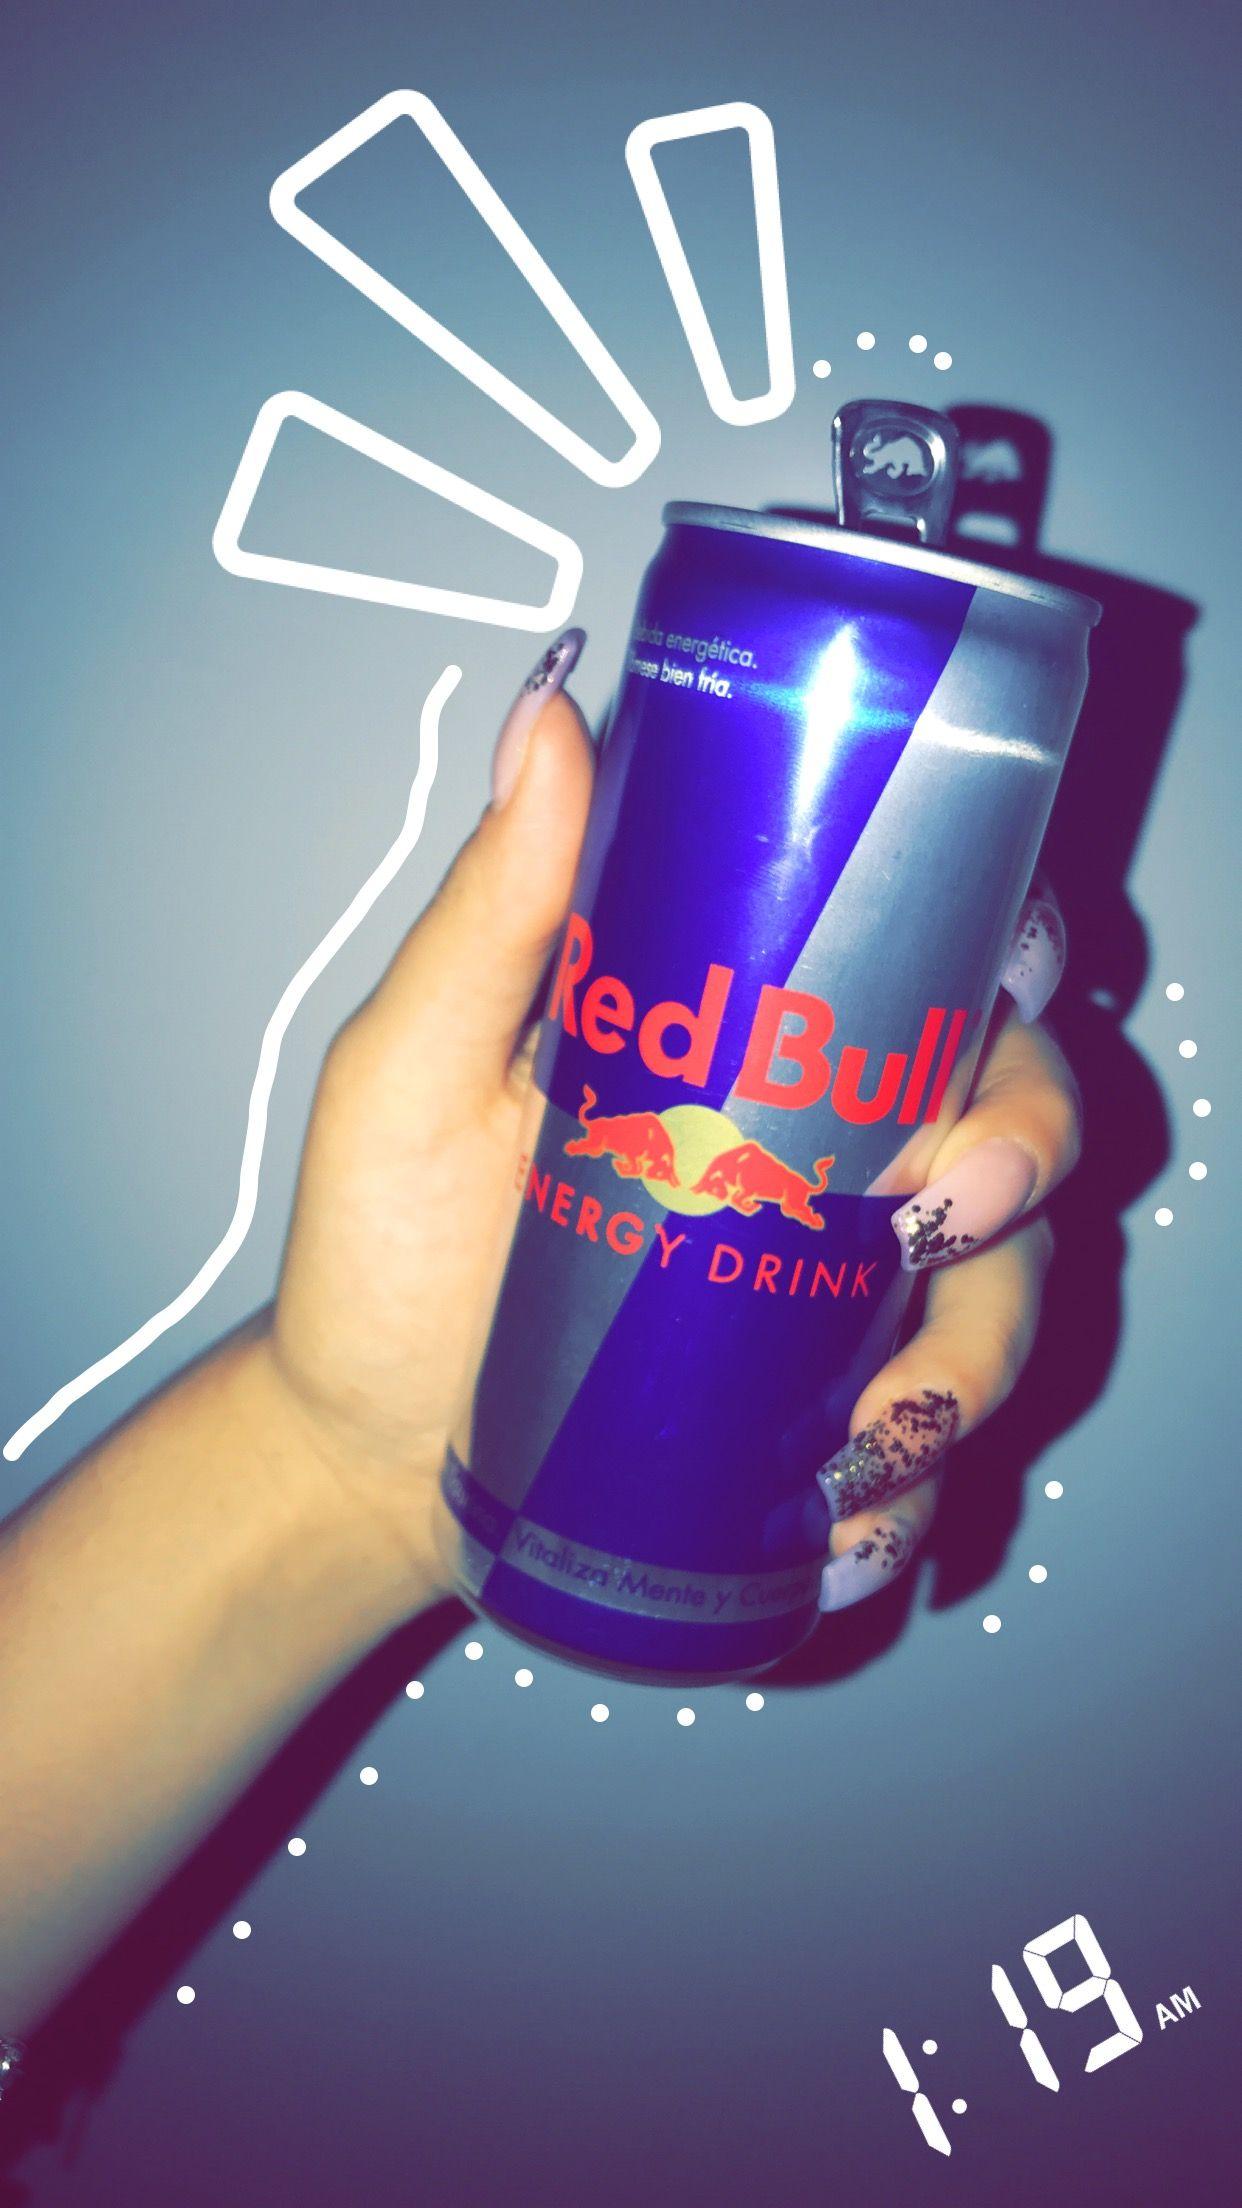 Red Bull, Monster Energy Drink, Energy